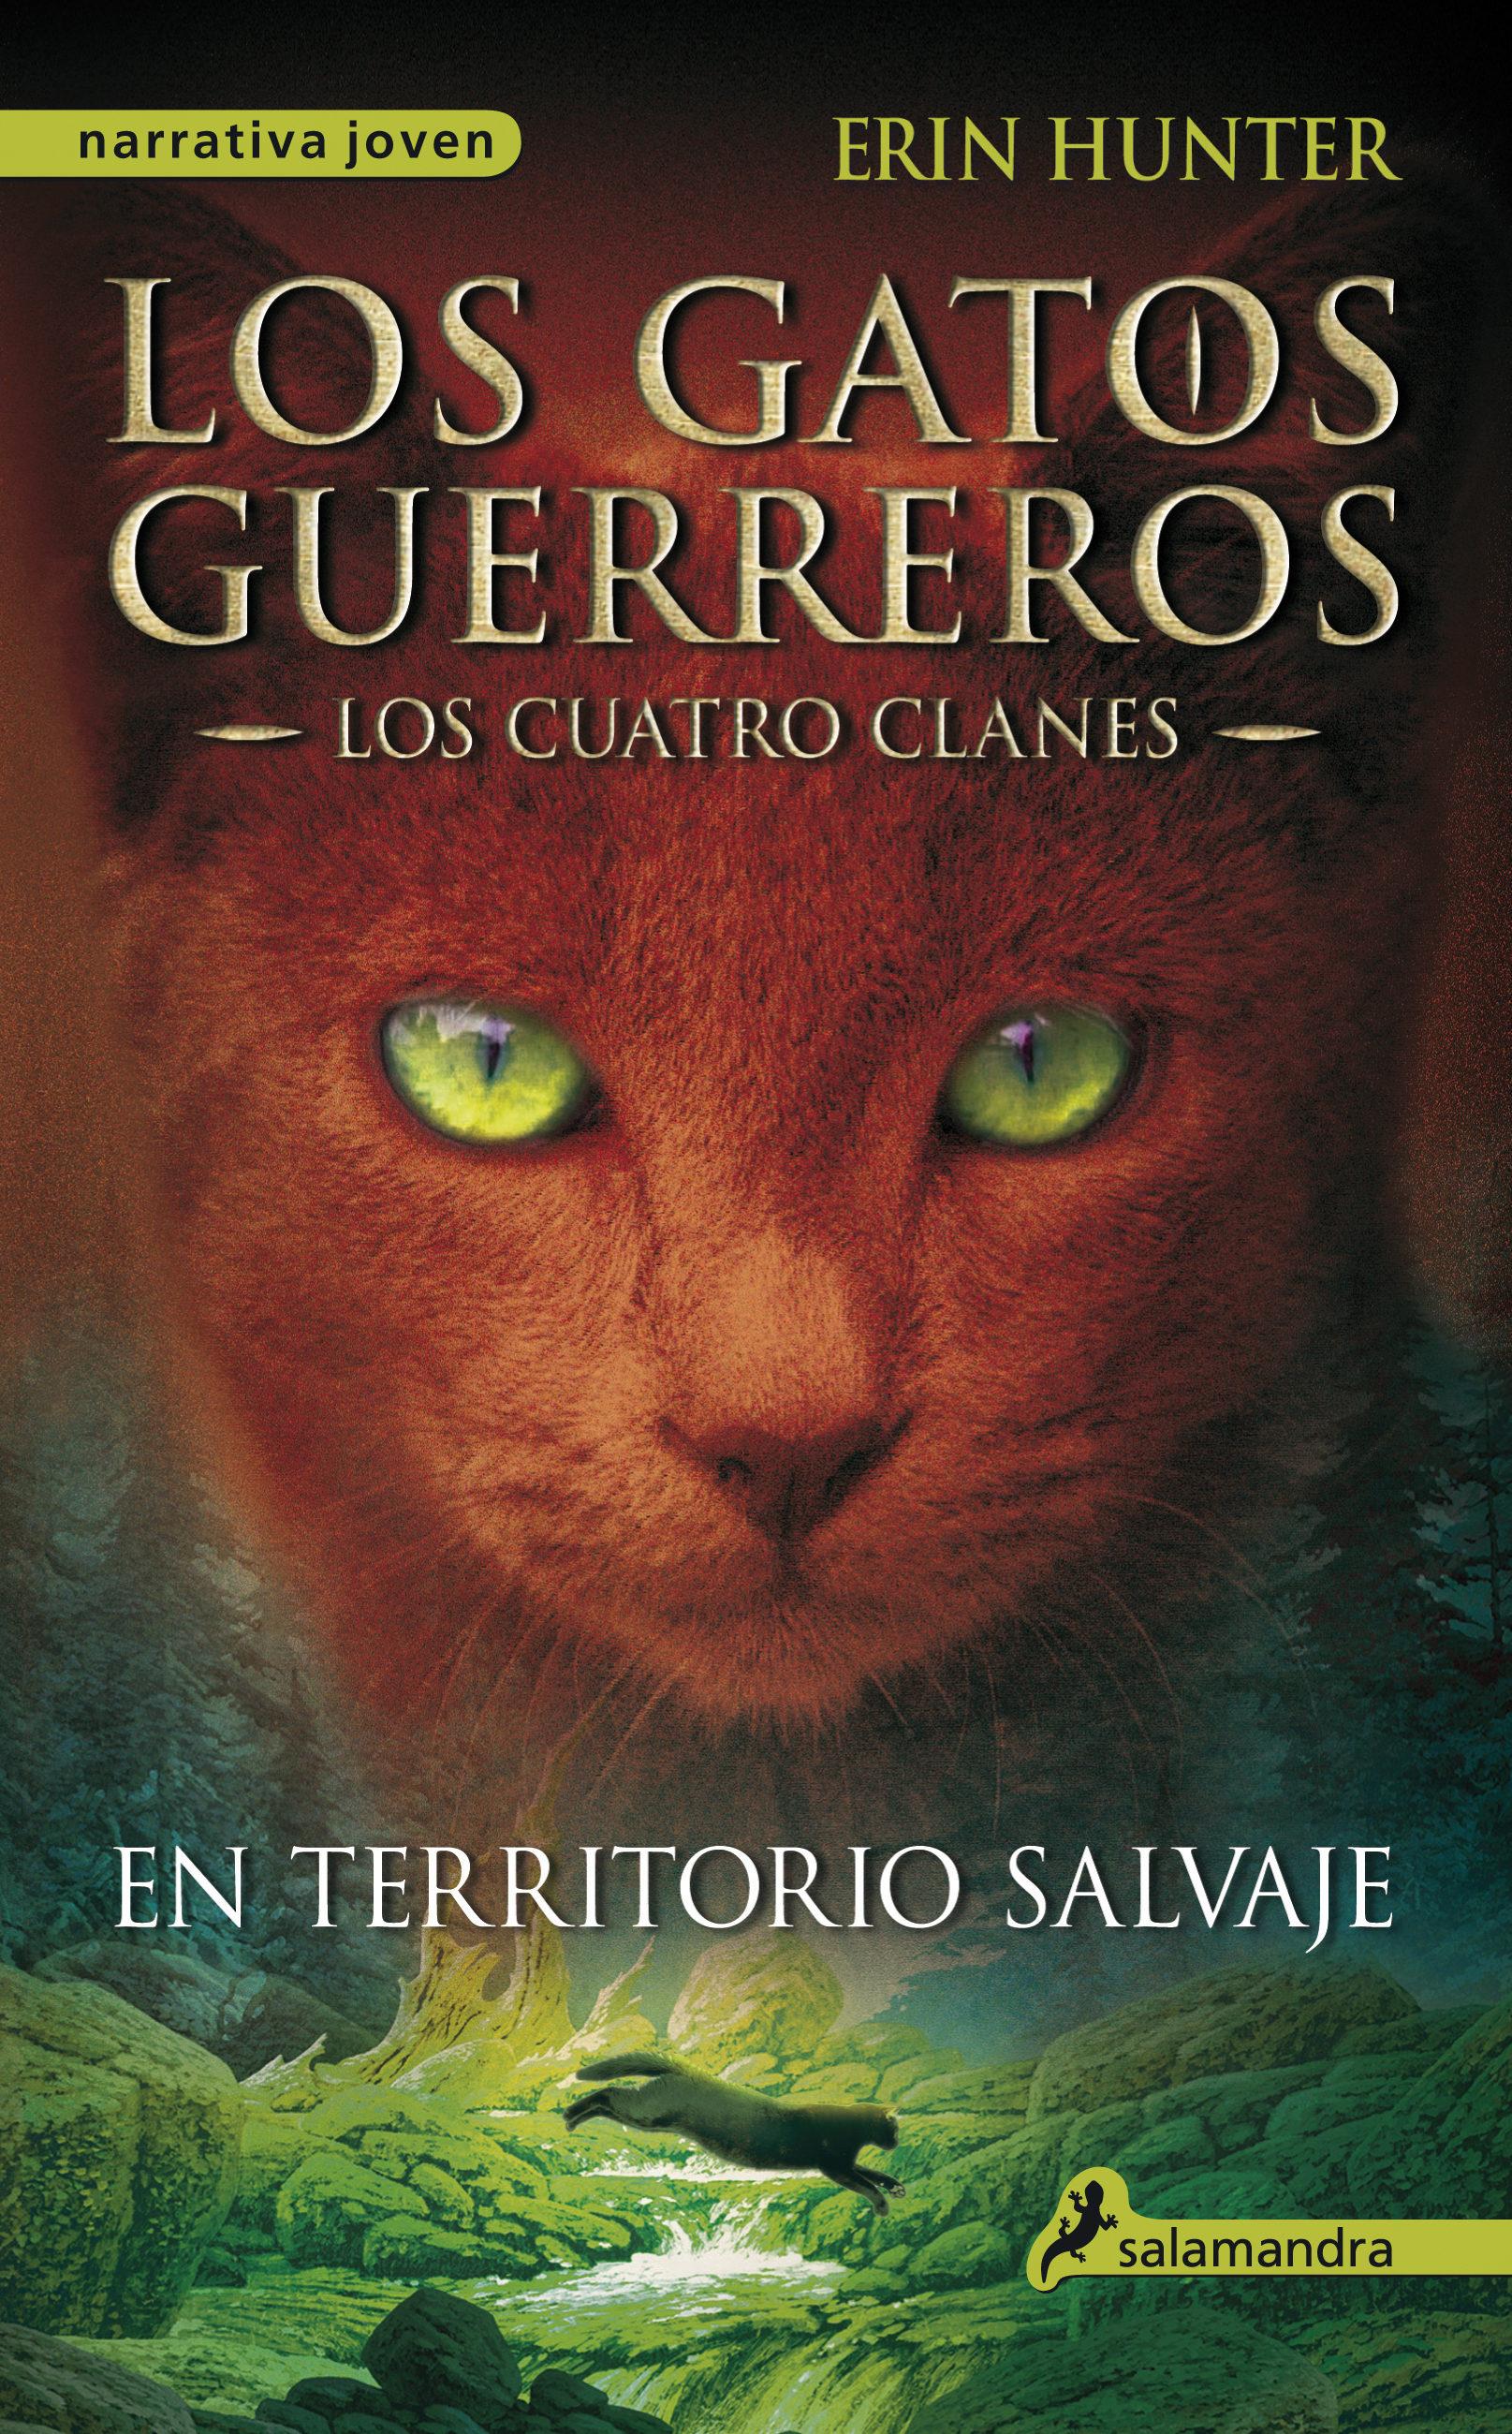 En Territorio Salvaje: Los Gatos Guerreros - los Cuatro Clanes i (Narrativa Joven) - Erin Hunter - Salamandra